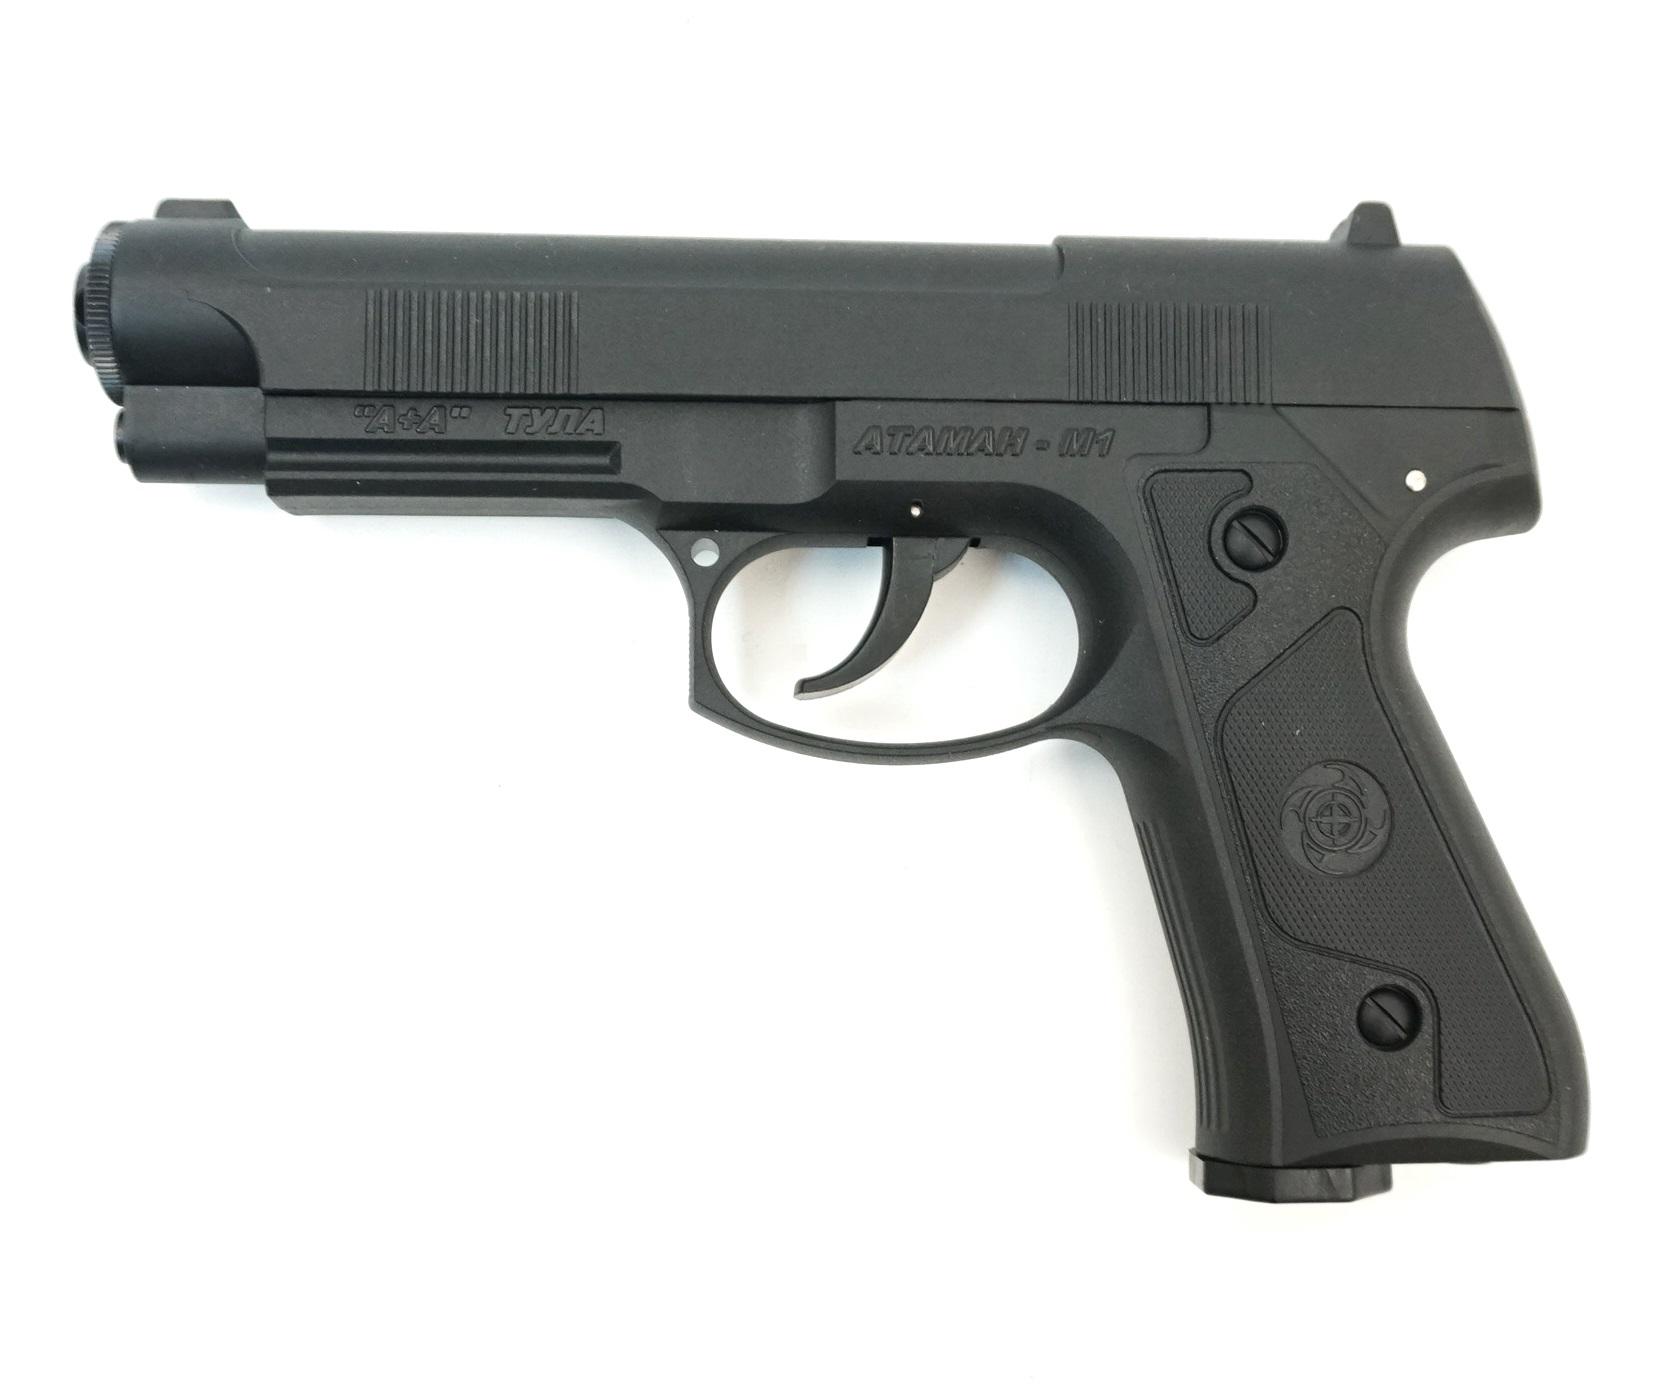 Пневматический пистолет «Атаман-М1-У» купить! Цена в Москве, СПБ